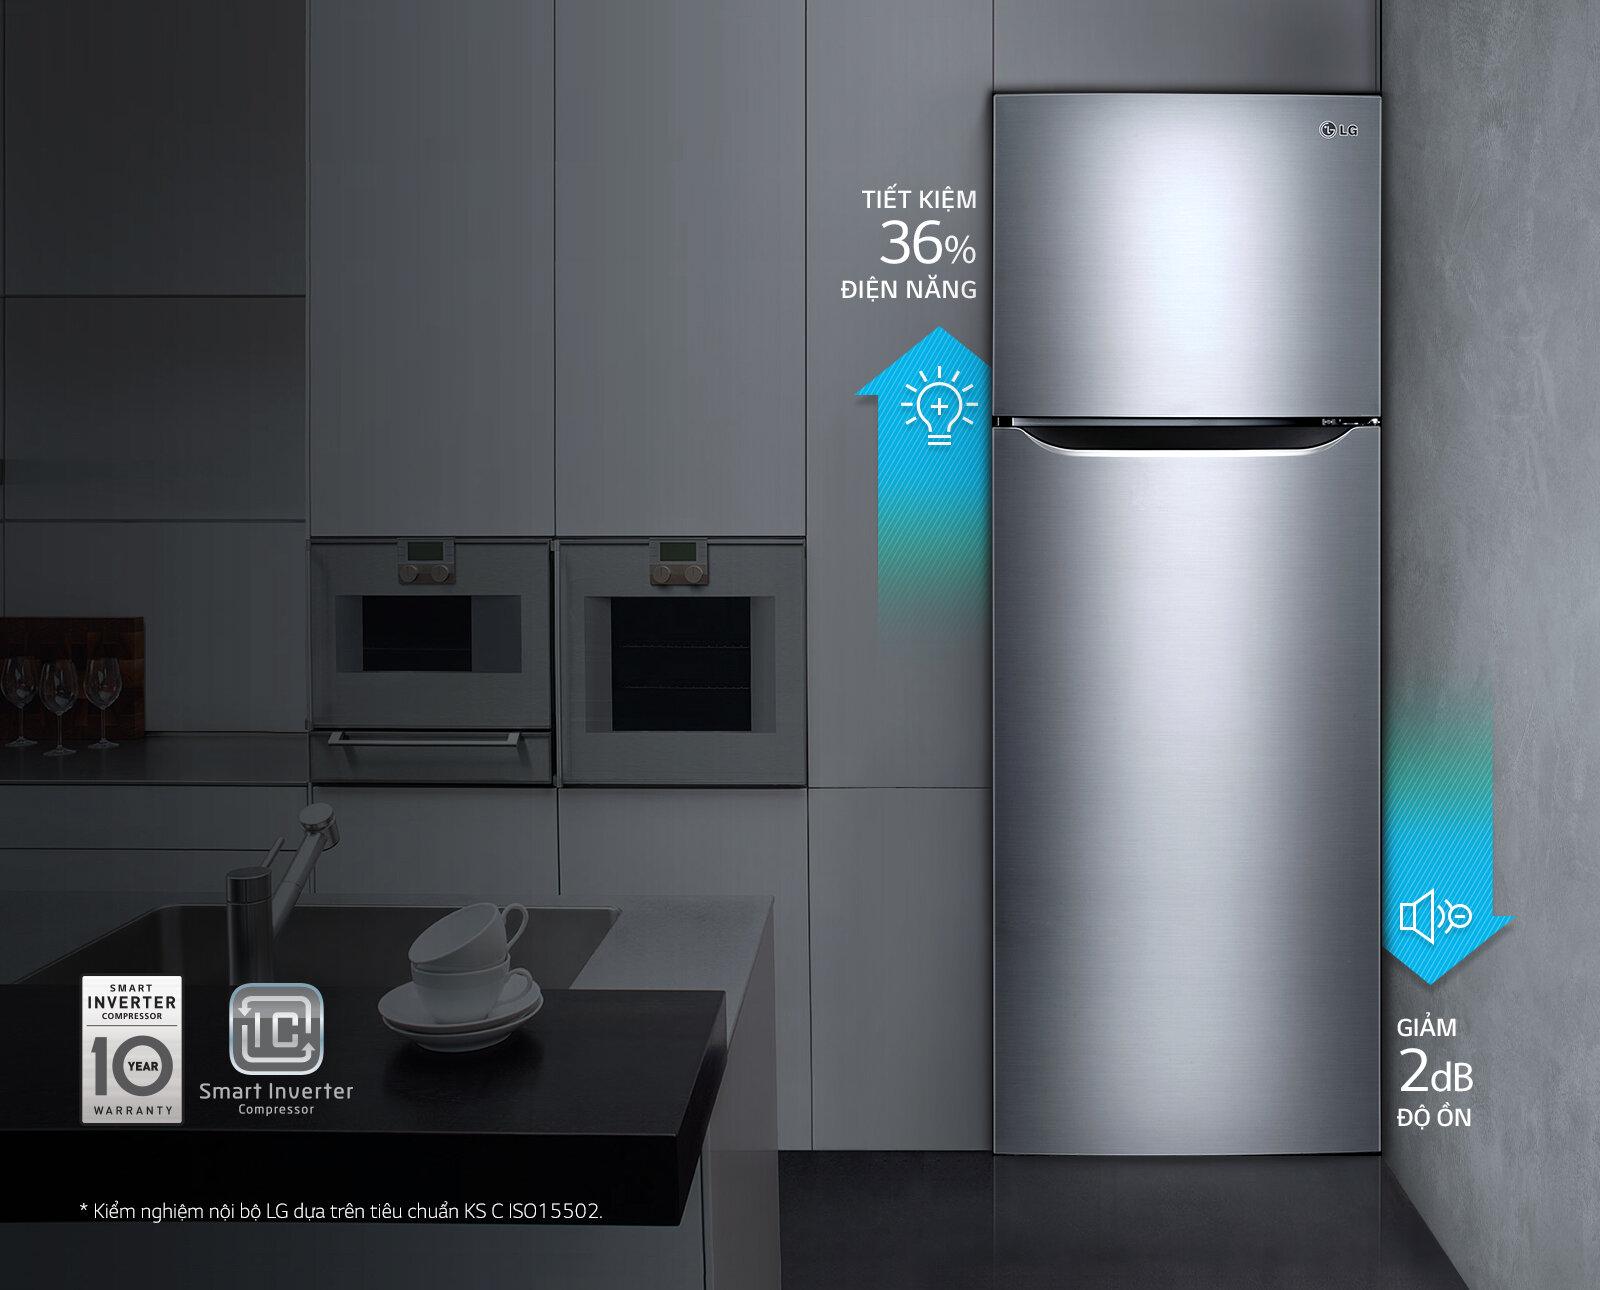 Tủ lạnh có thiết kế sang trọng hiện đại